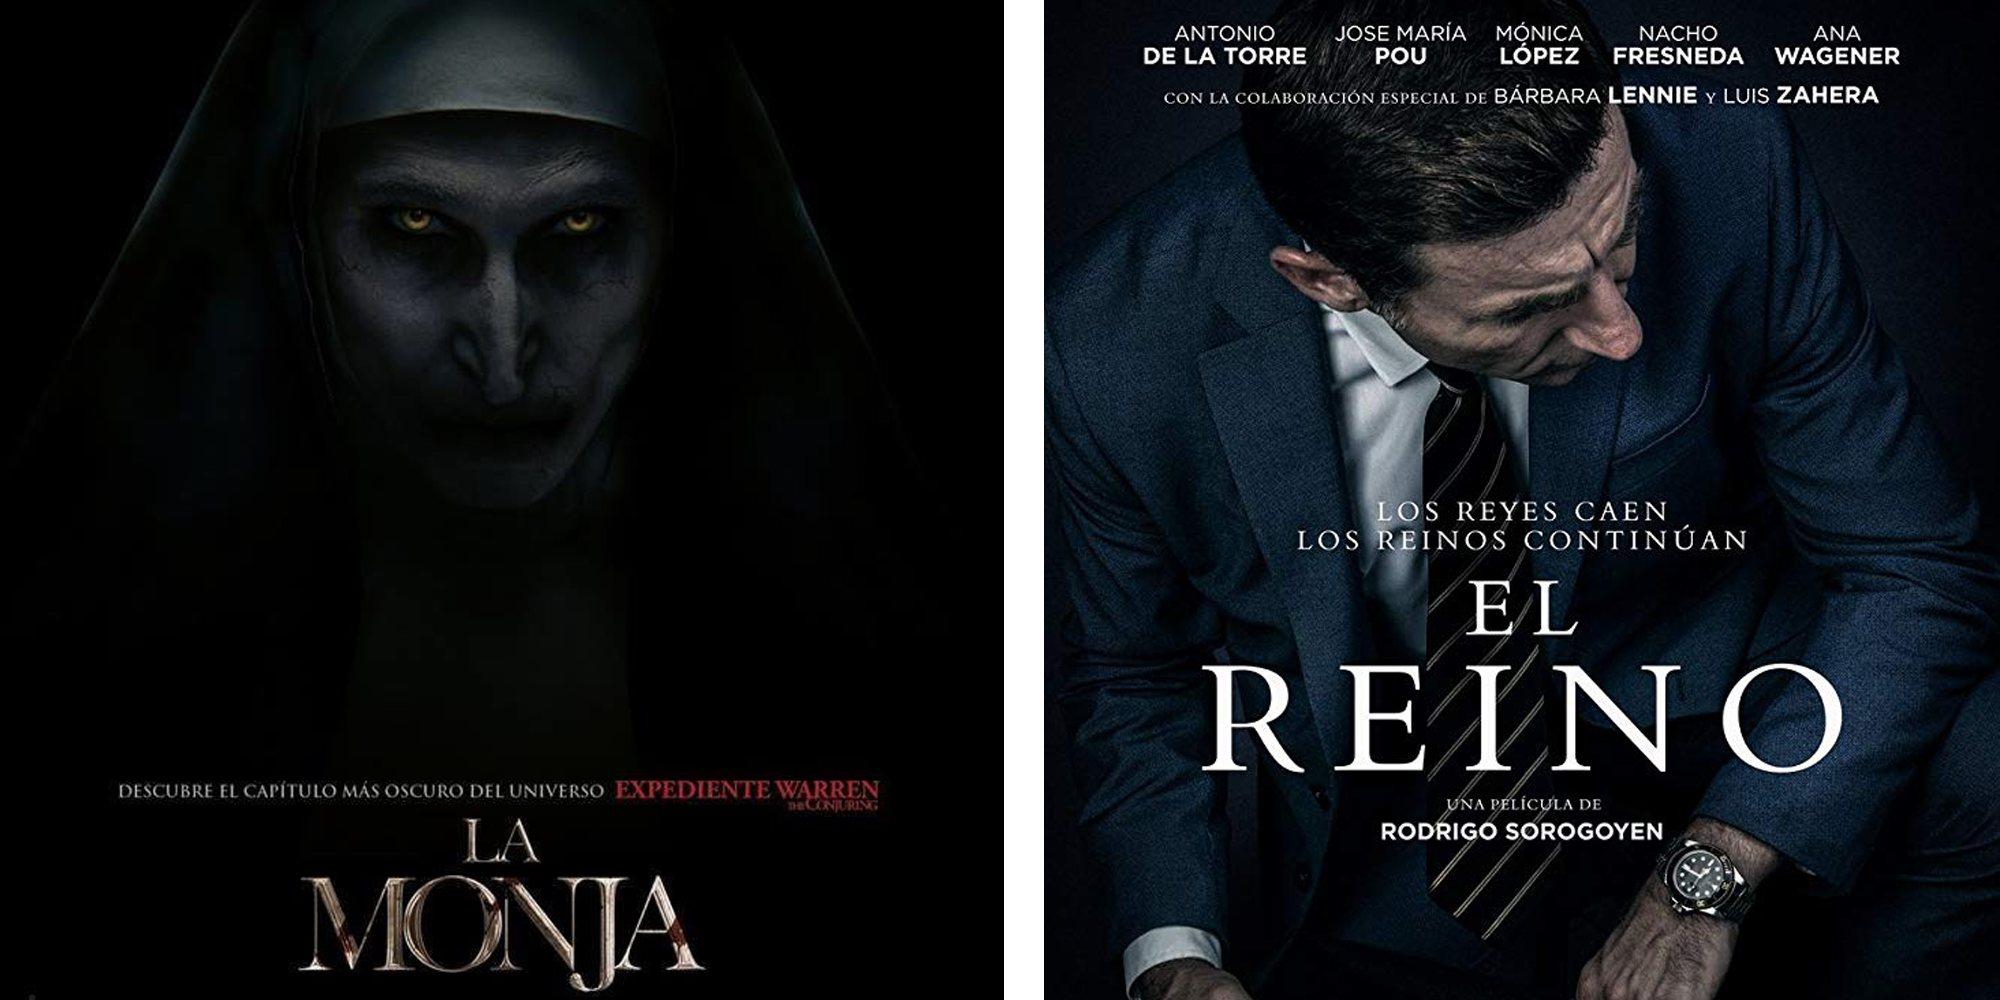 Las 5 películas más esperadas de septiembre de 2018